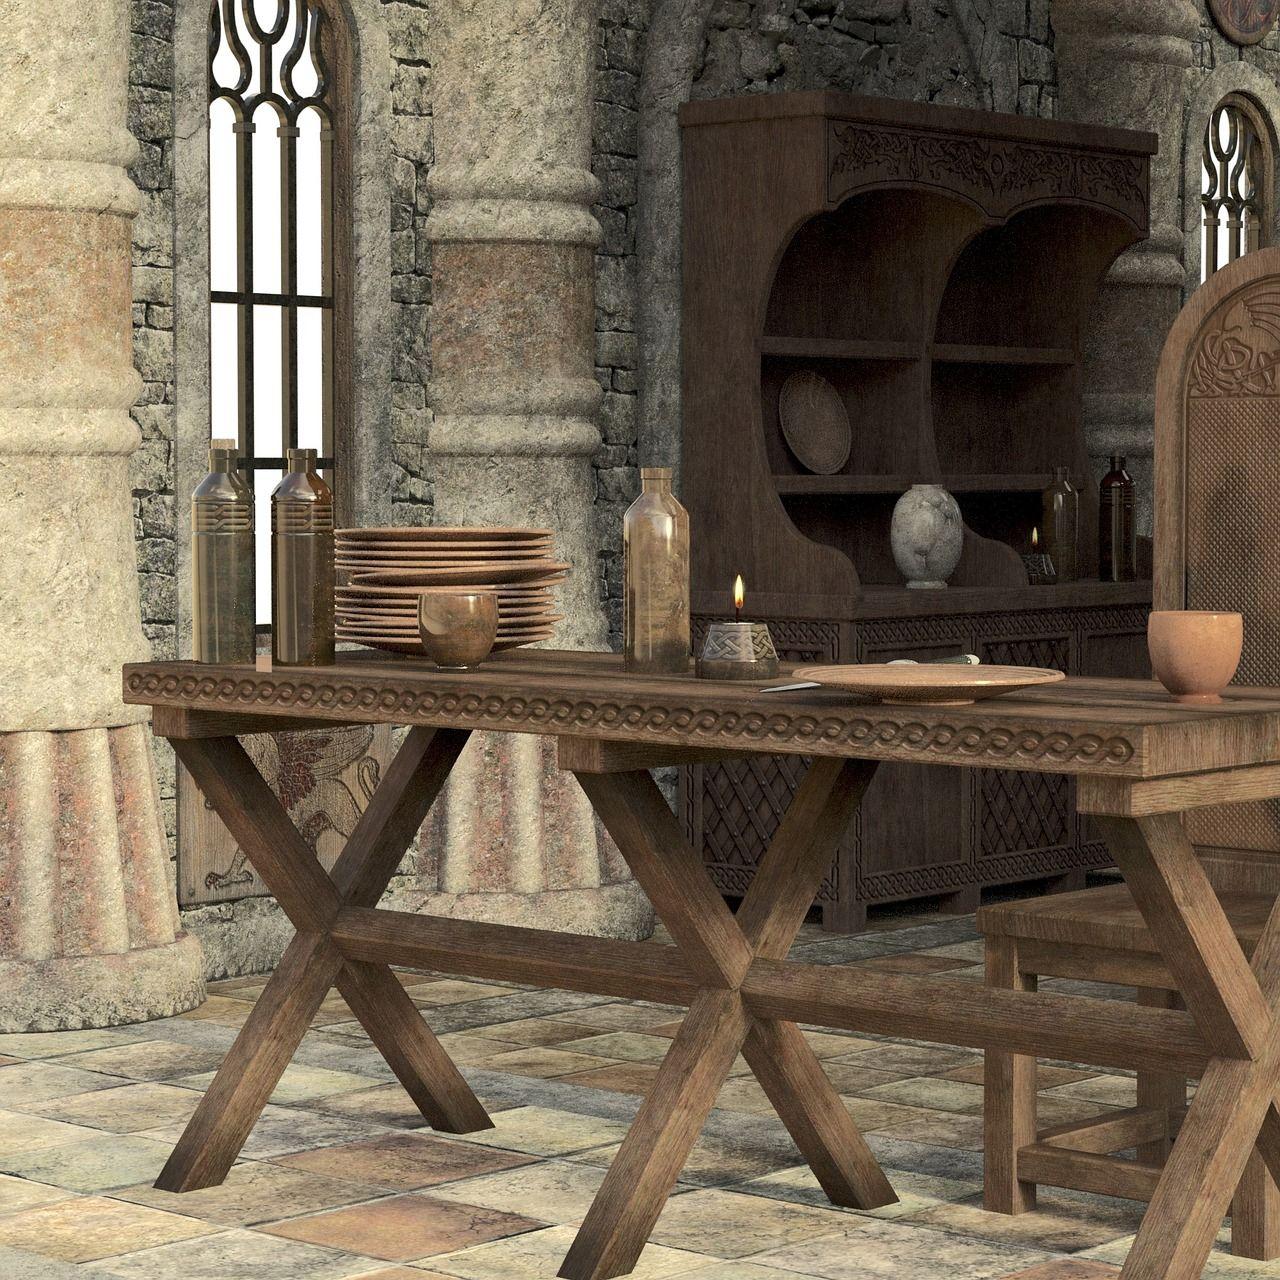 Castle Middle Ages Castle Space Me Val Building Castle